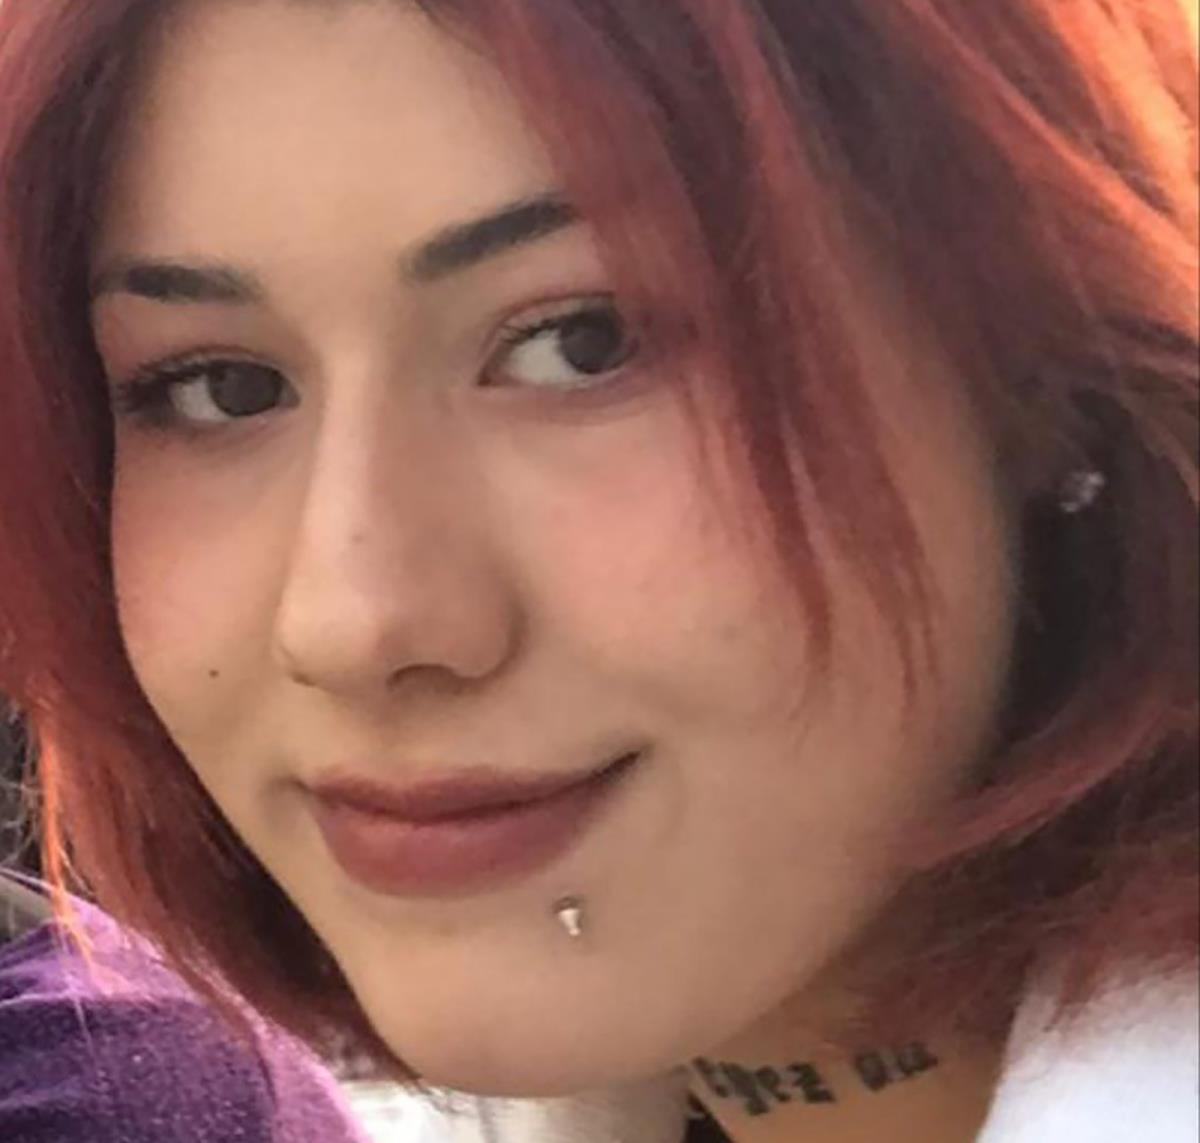 'Arkadaşıma gidiyorum' diyerek evden çıkan genç kızdan 15 gündür haber alınamıyor